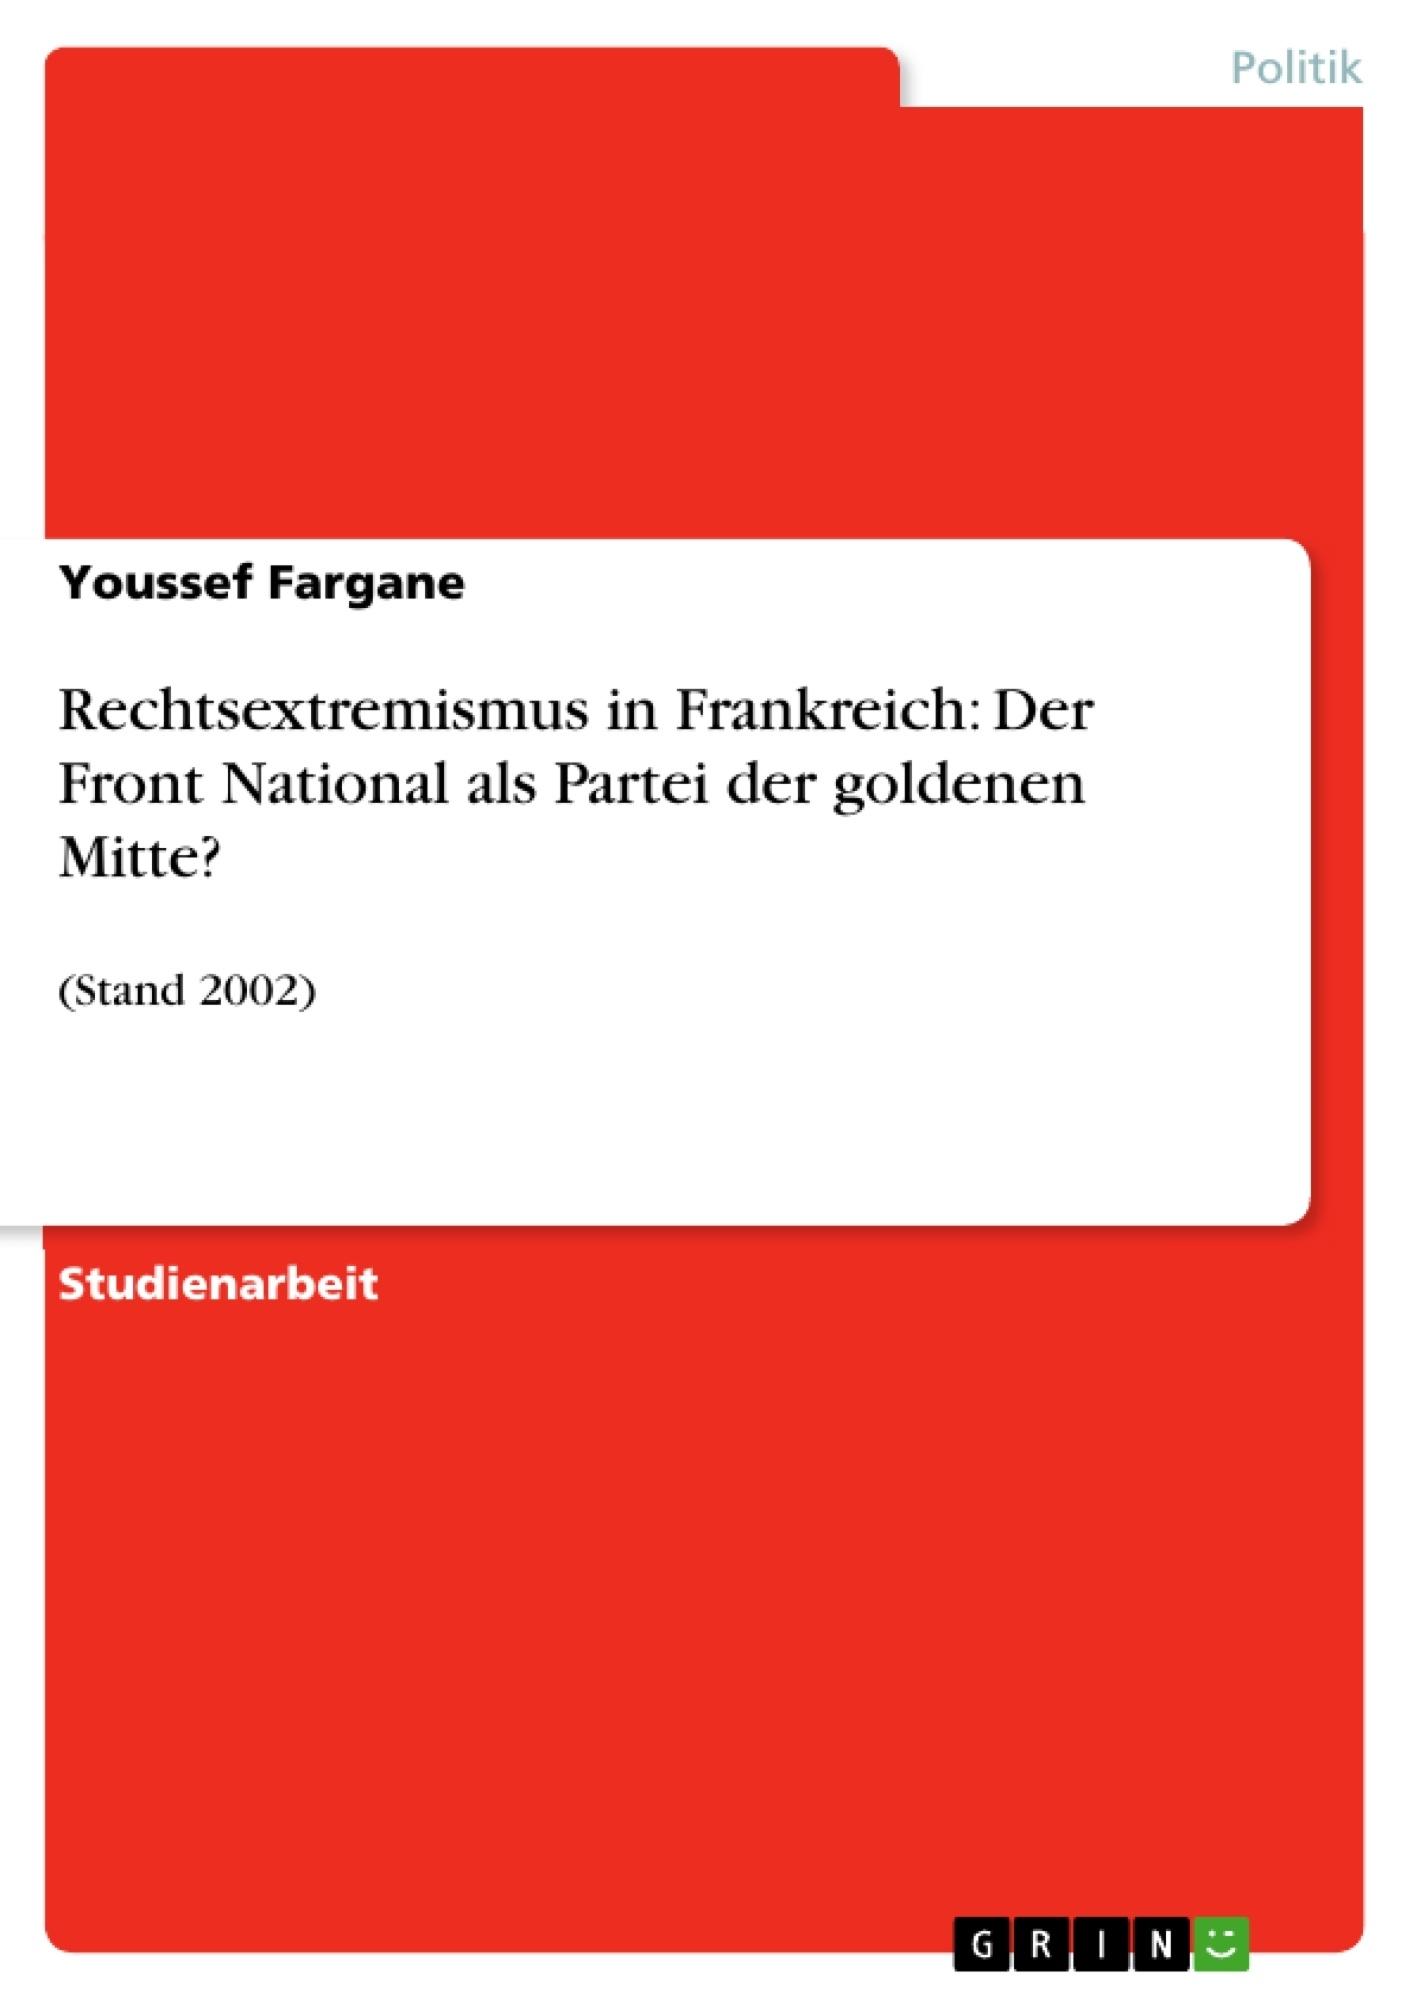 Titel: Rechtsextremismus in Frankreich: Der Front National als Partei der goldenen Mitte?